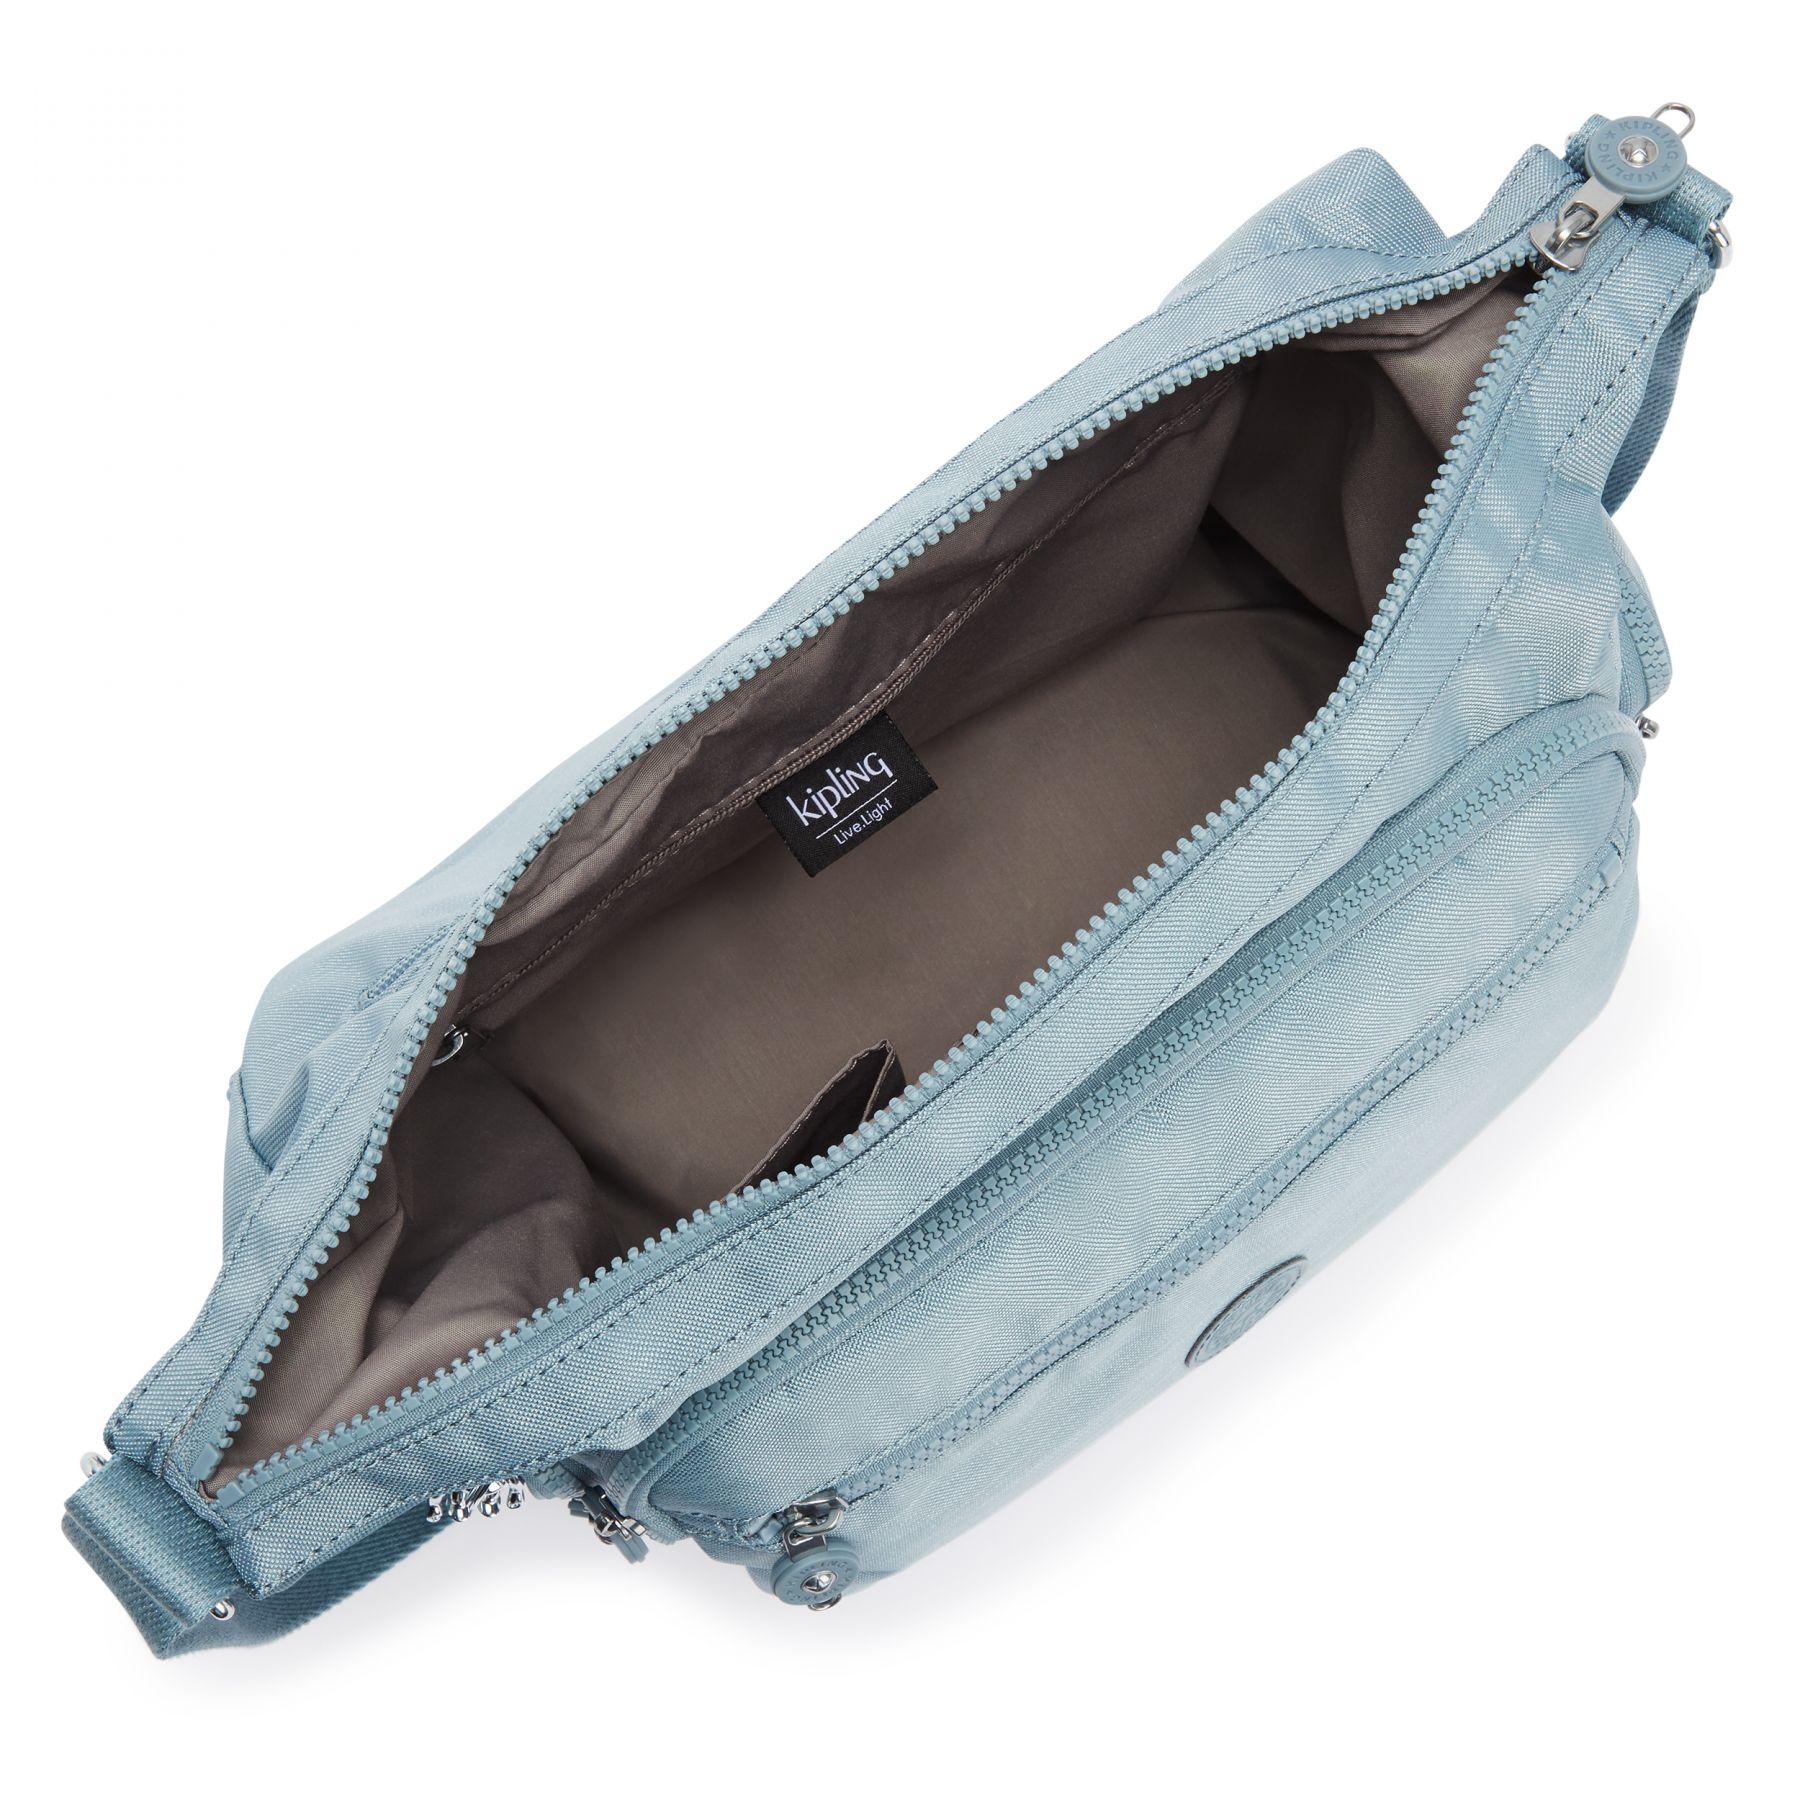 GABBIE BAGS by Kipling